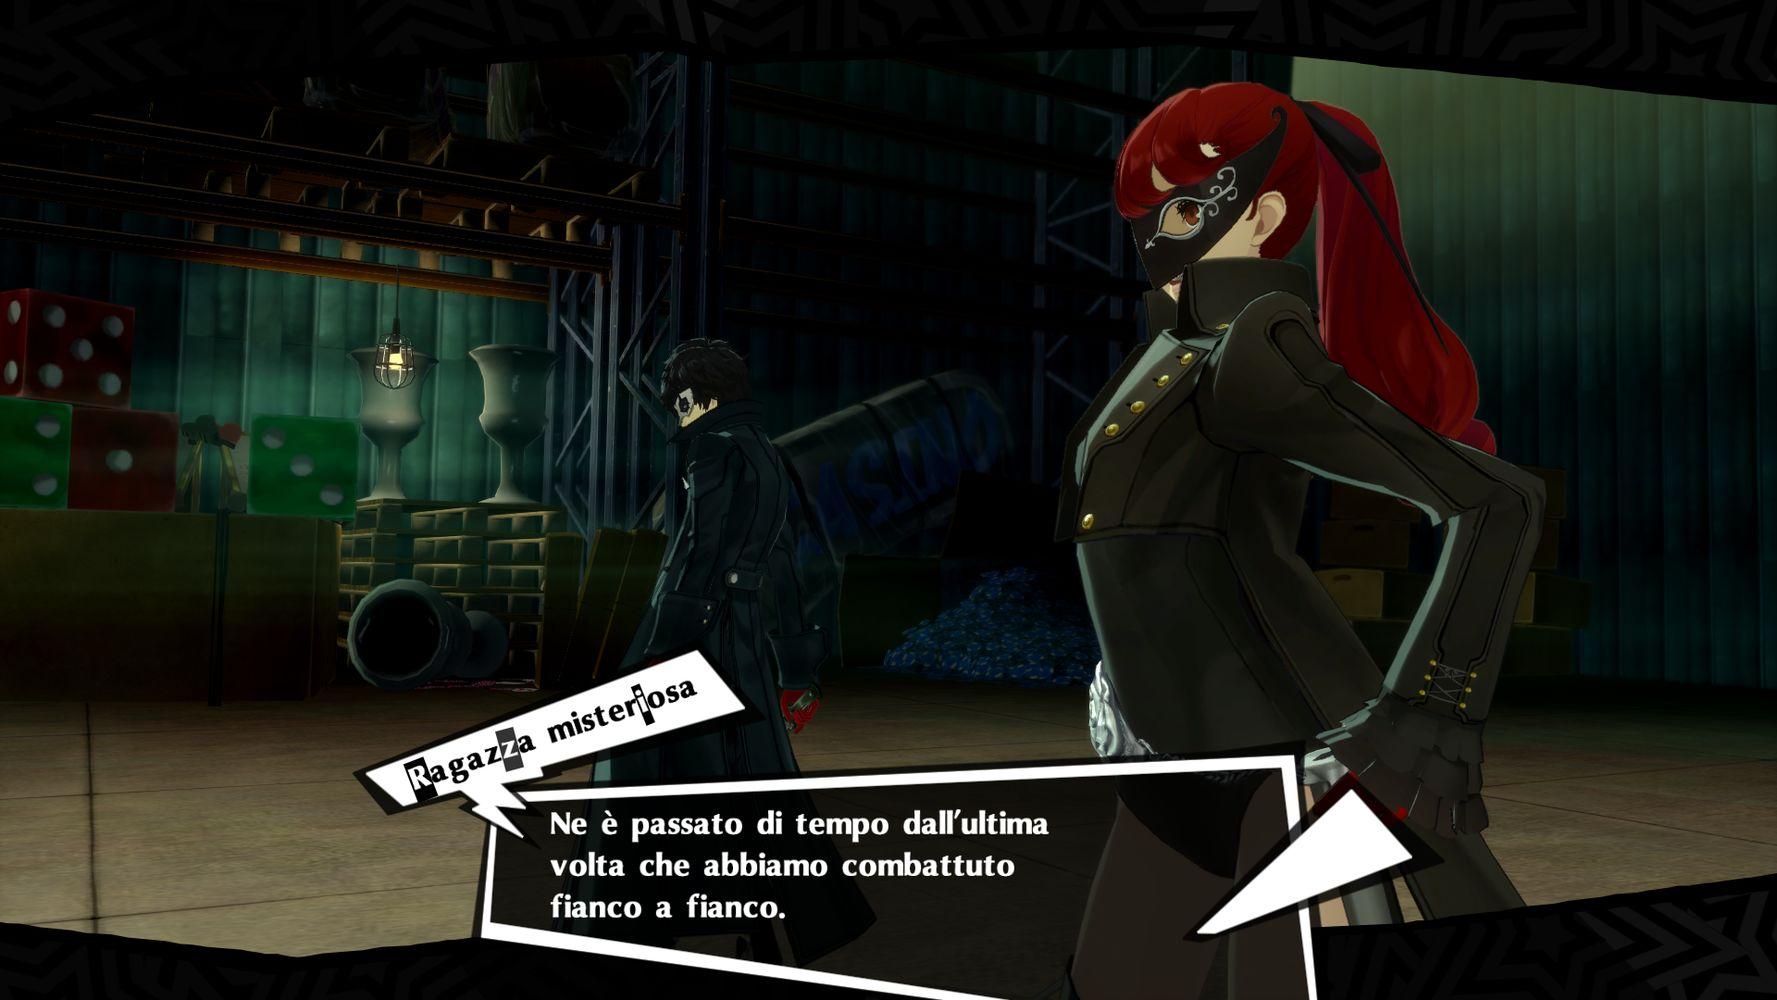 Kasumi, Persona 5 Royal